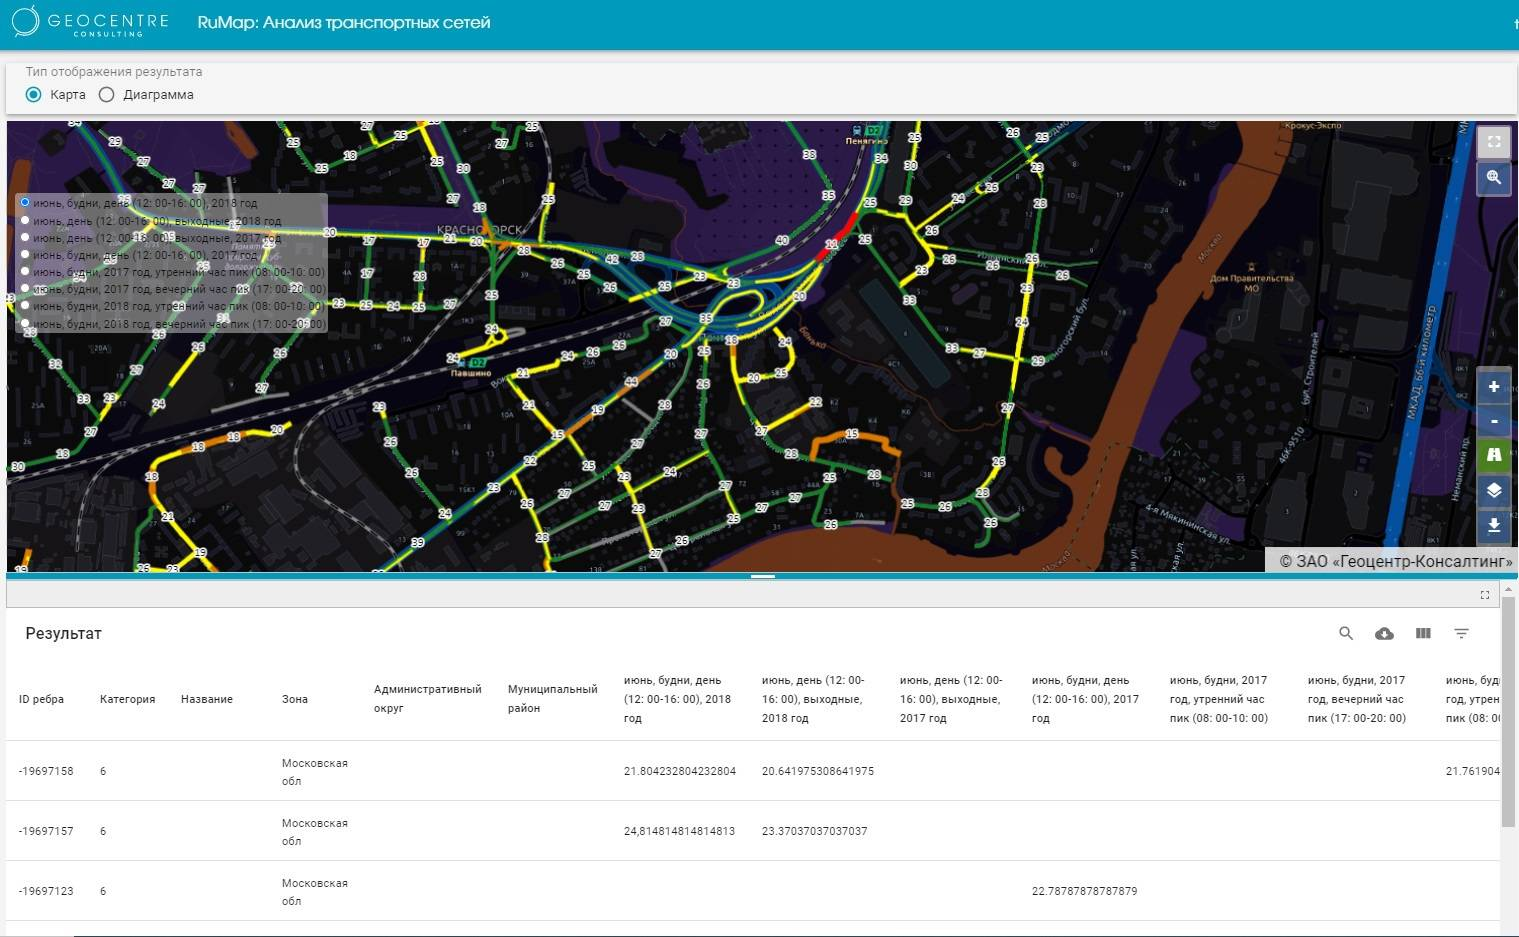 Система анализа транспортных сетей: анализ скорости (ночной режим)